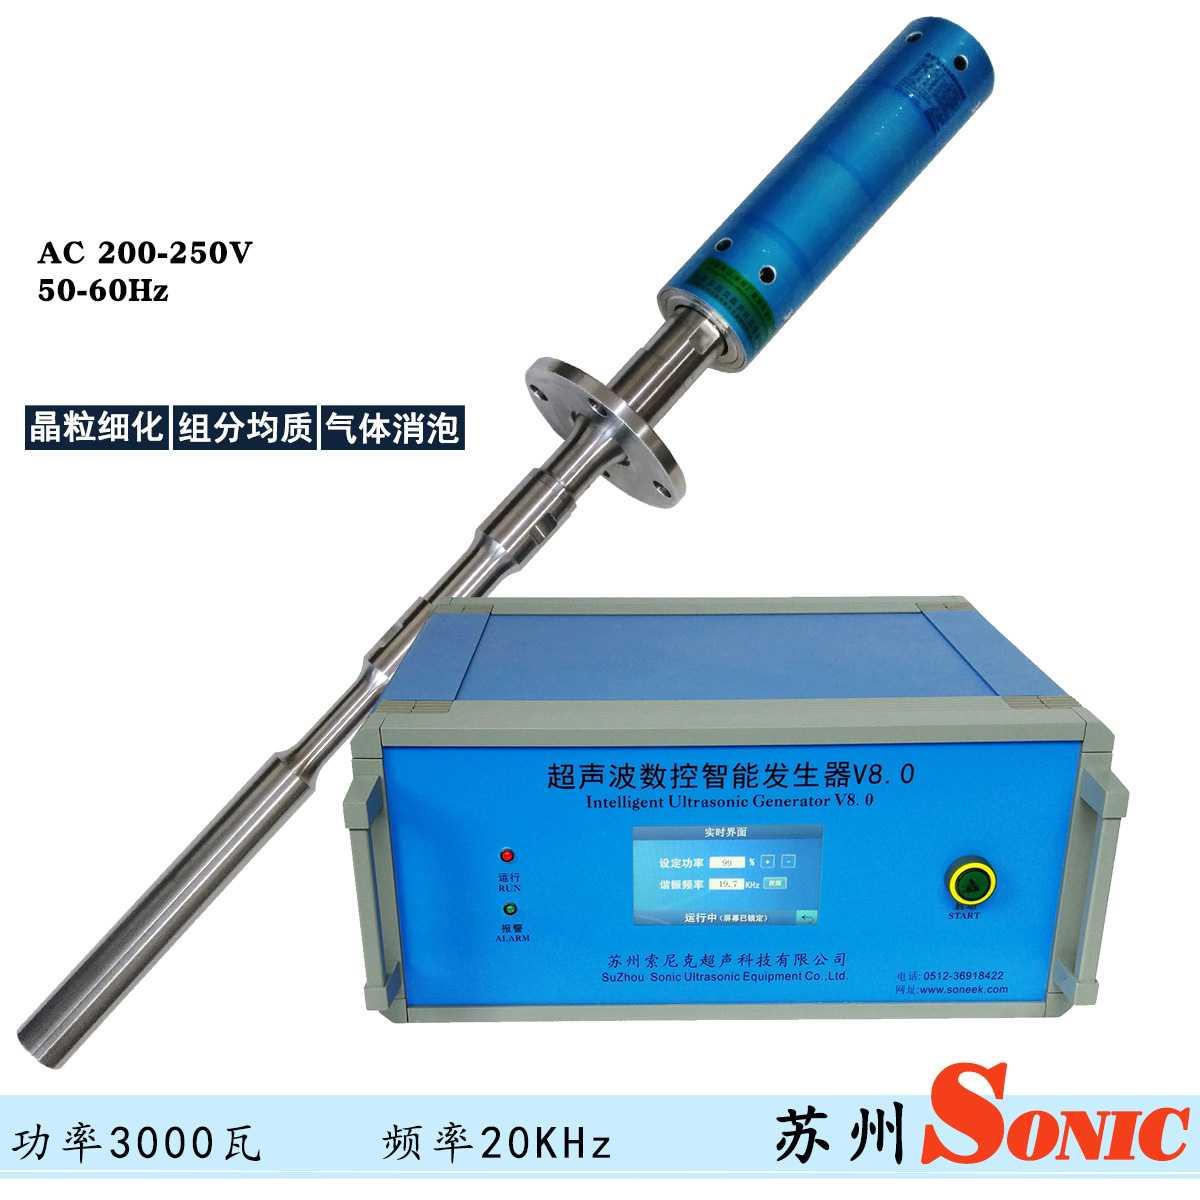 实验用超声波铝熔液处理设备,超声波金属熔体处理设备实物图